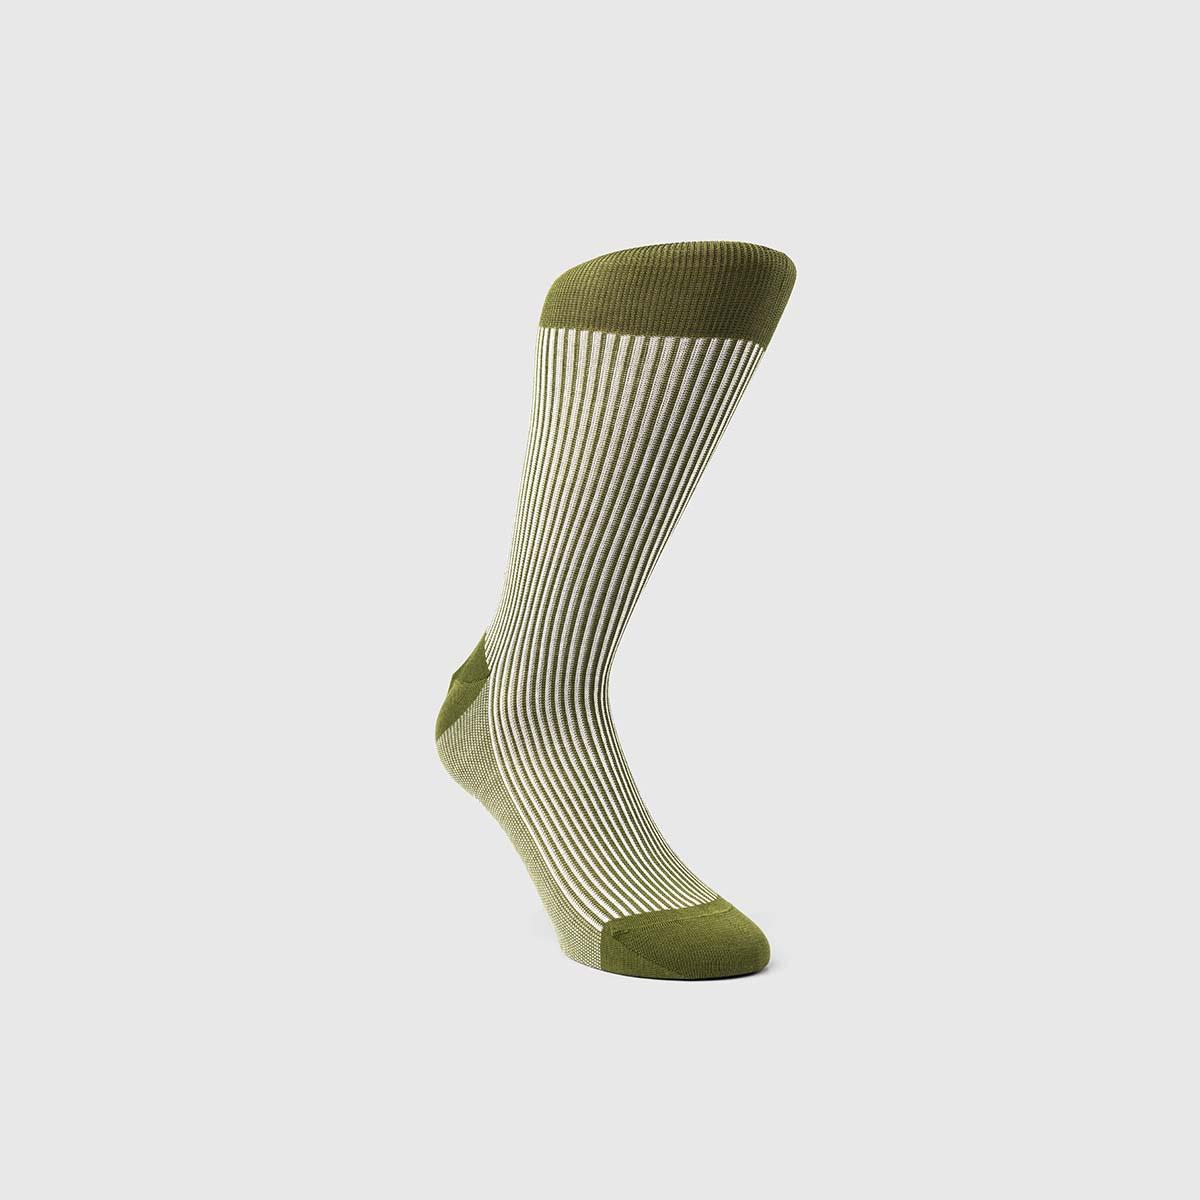 Bresciani 1970 Cotton Socks in Green & White